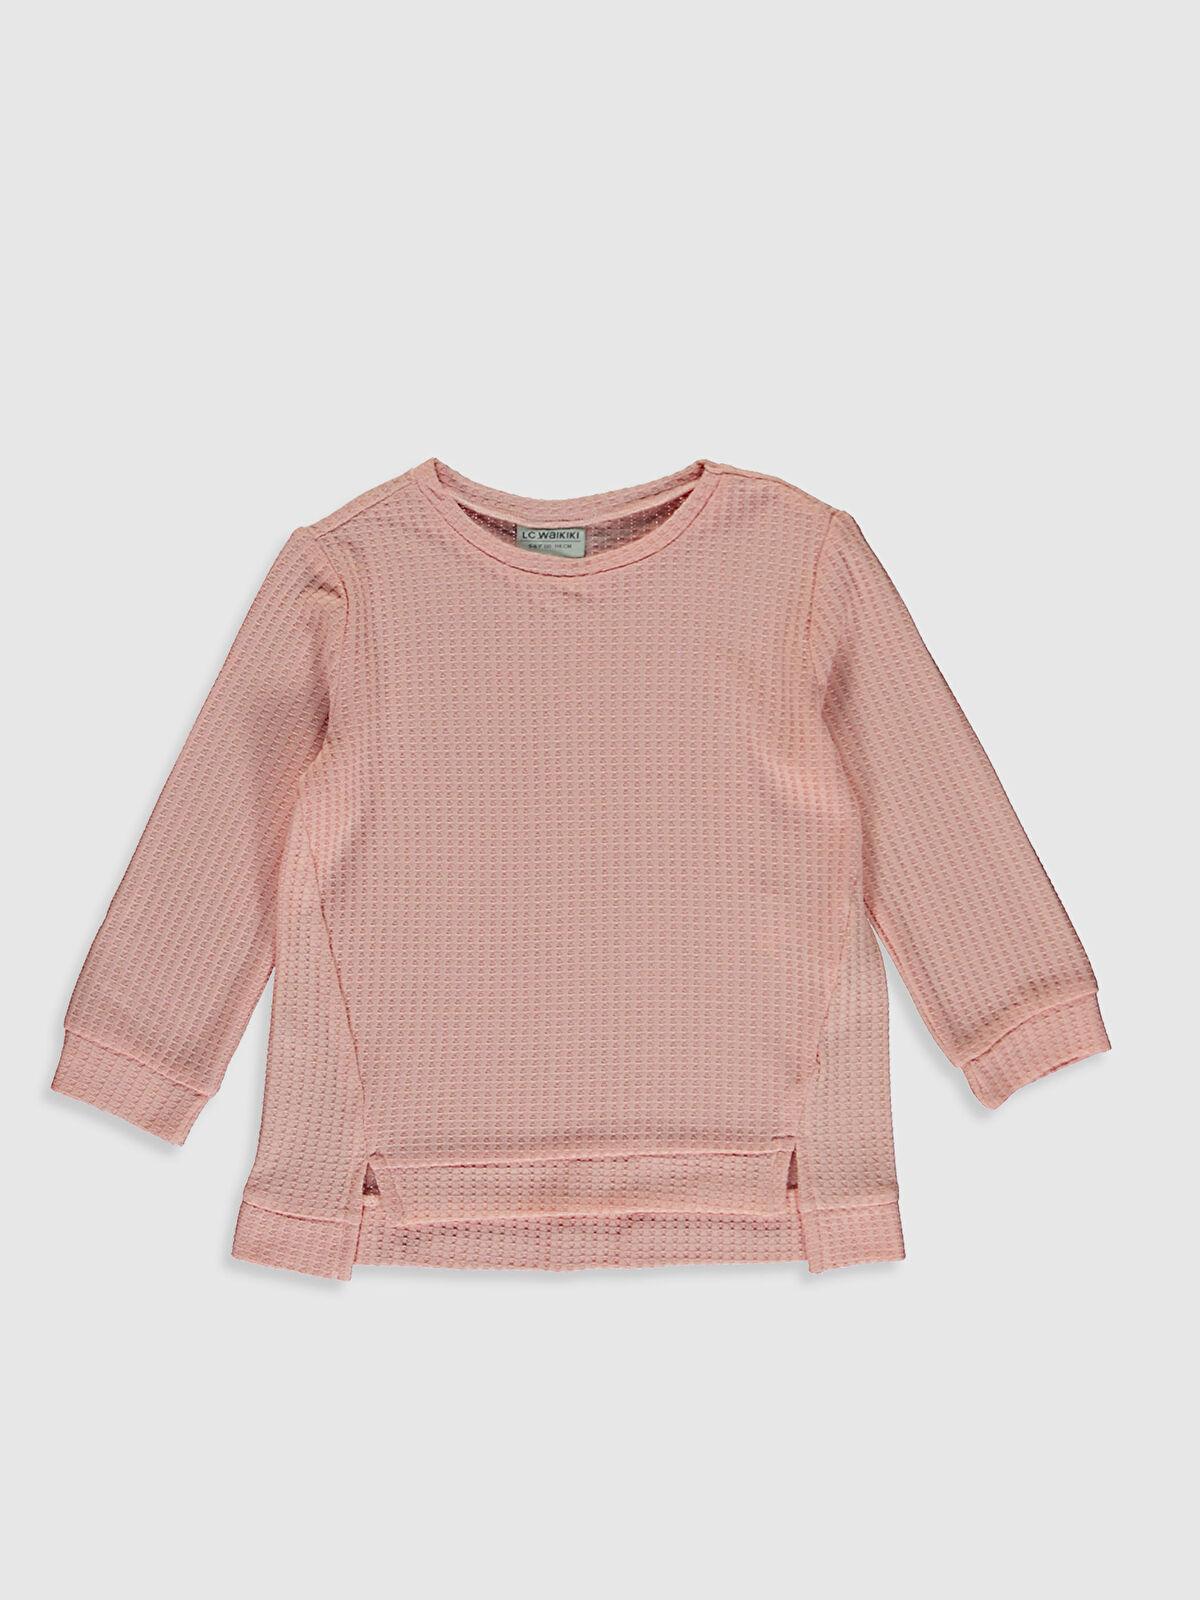 Kız Çocuk Basic Tişört - LC WAIKIKI